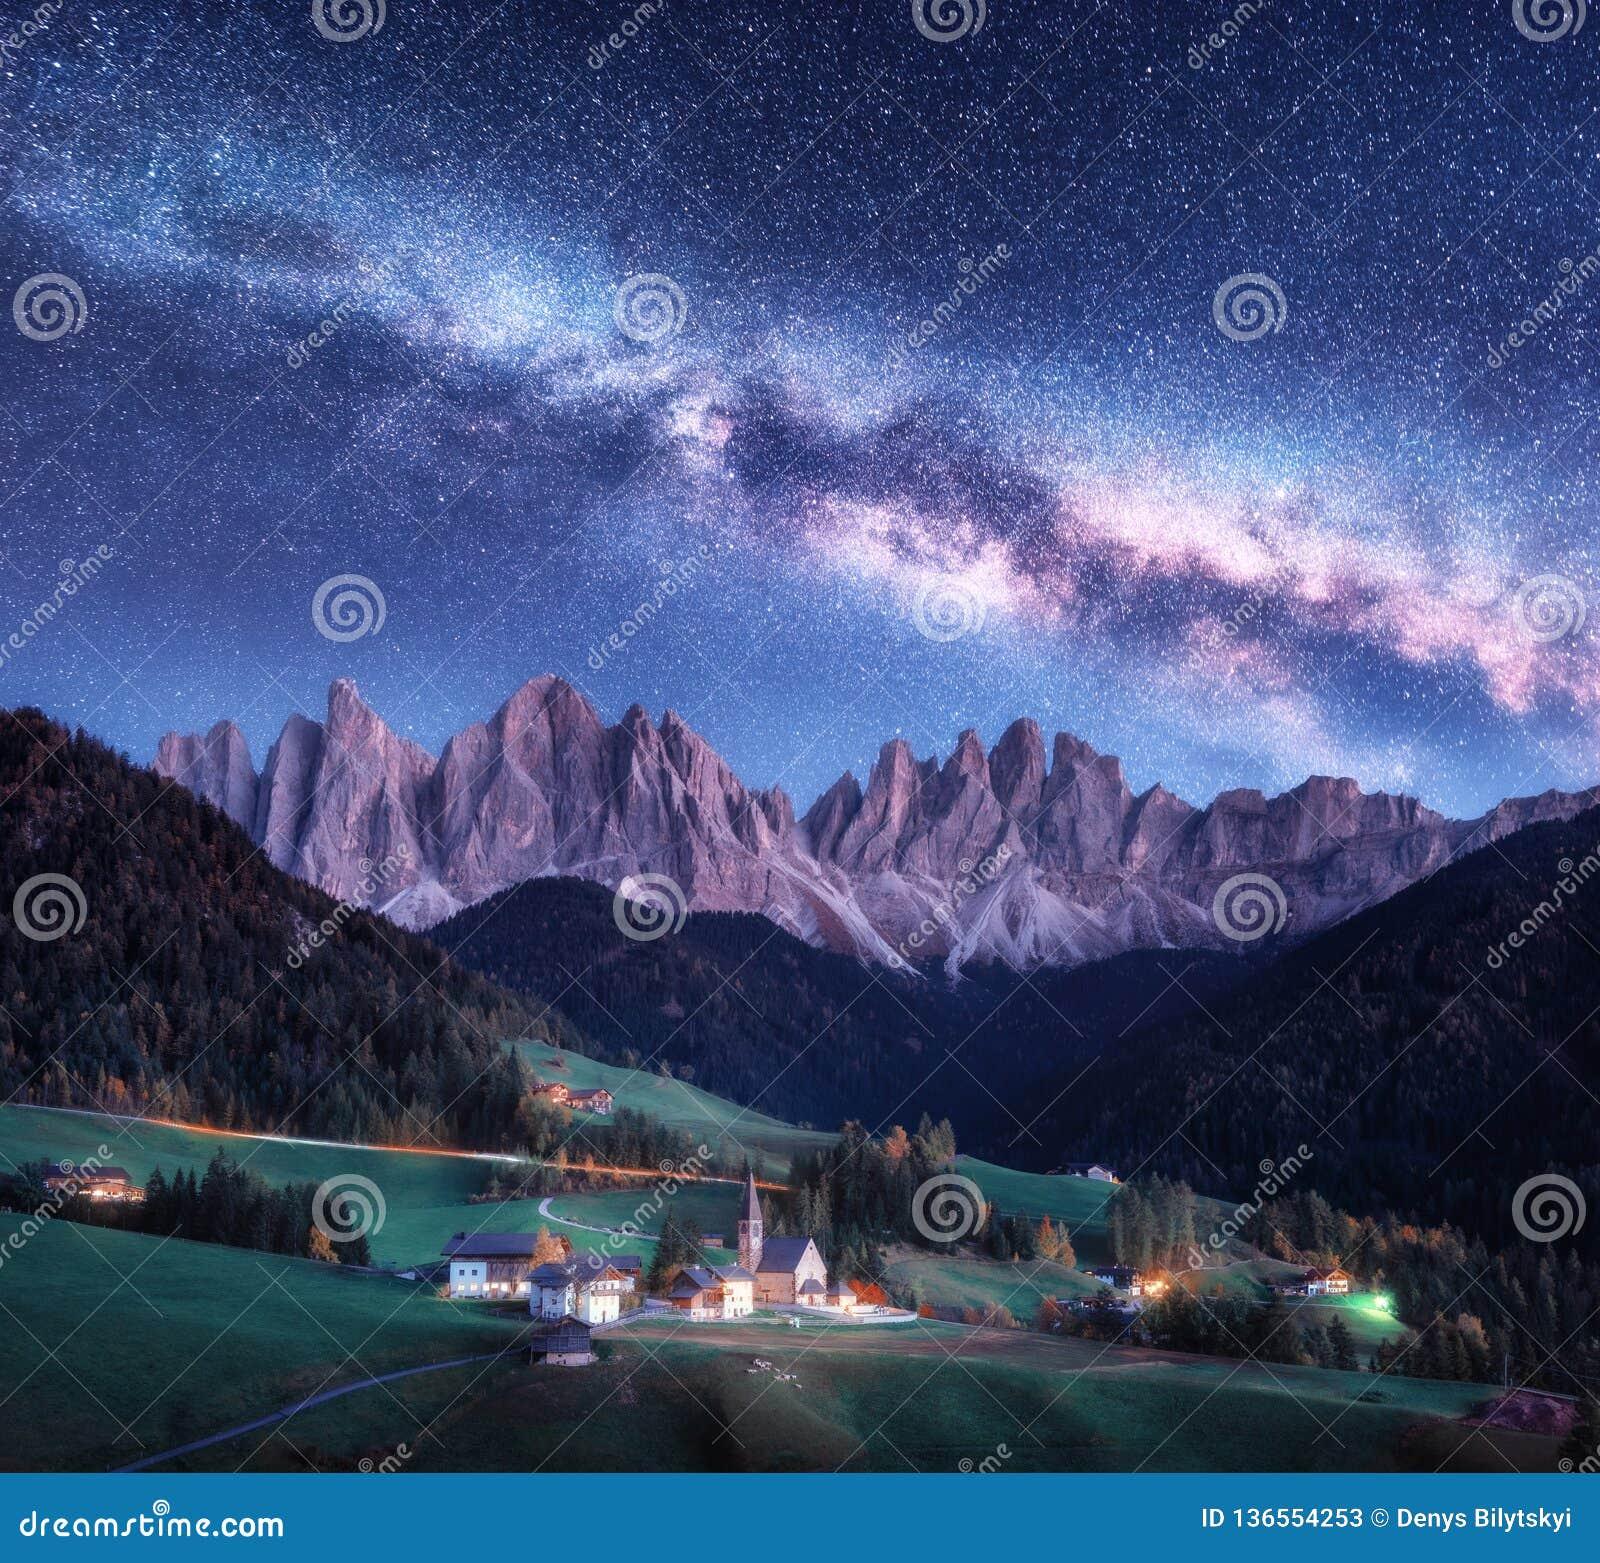 Santa Maddalena und Milchstraße nachts im Herbst in Italien